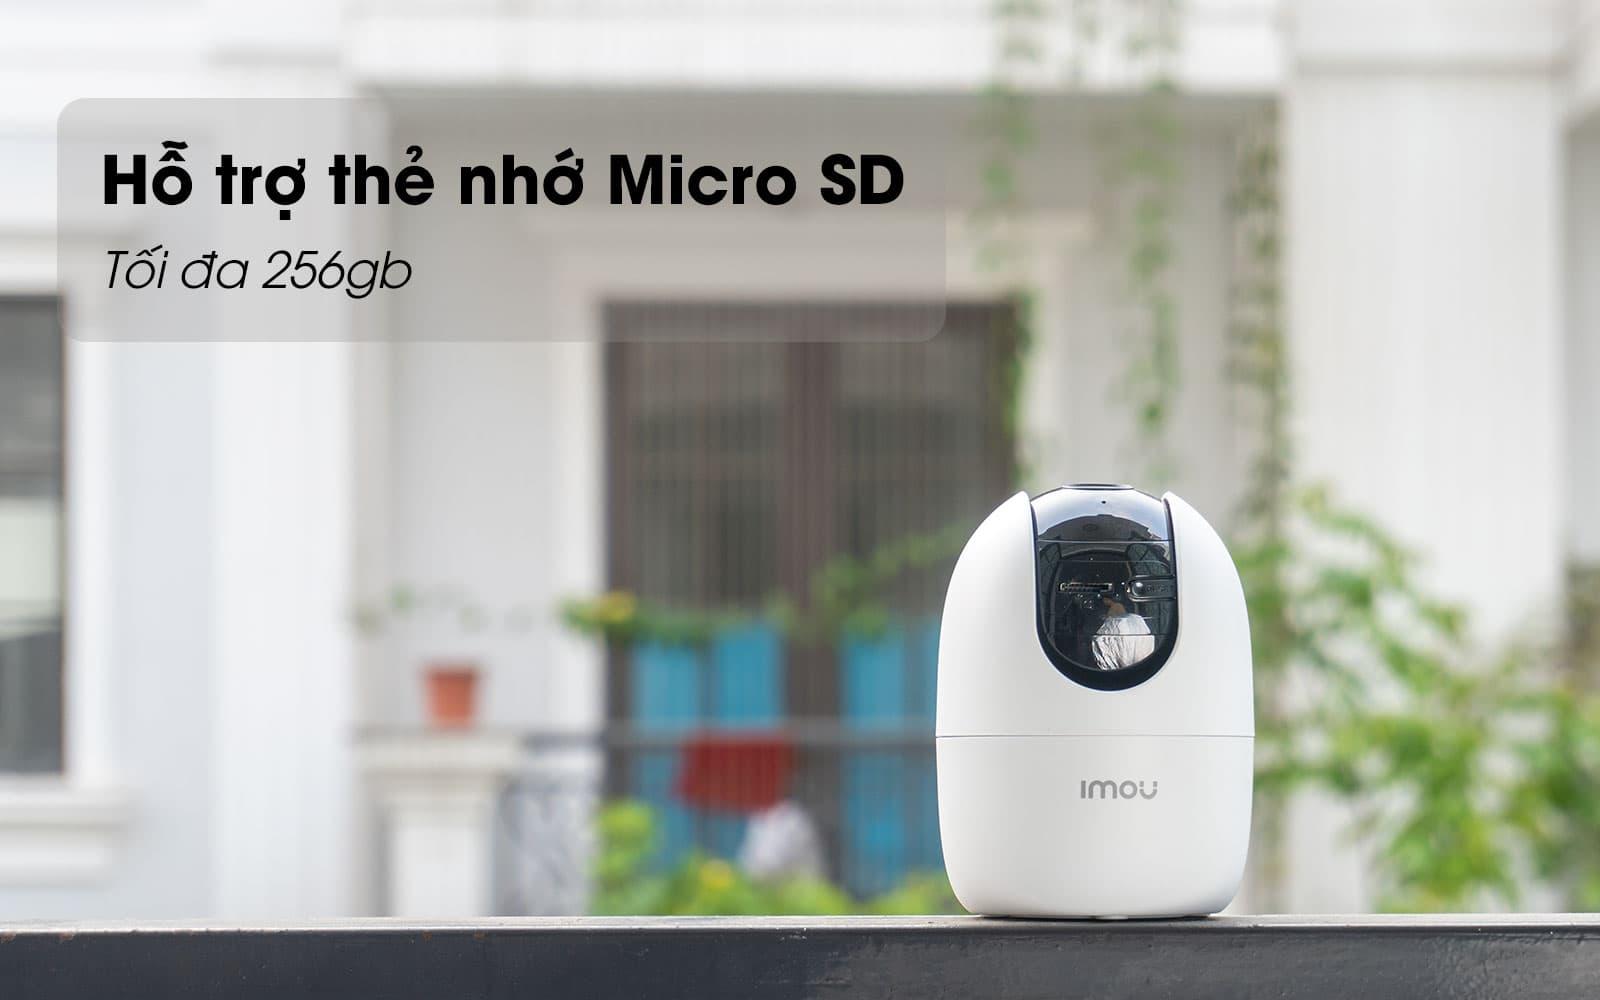 Camera imou A22EP 1080P (2MP) kèm thẻ nhớ 32GB tích hợp tính năng Privacy Mask bảo vệ gia đình bạn 24/7- Hàng chính hãng (tặng kèm đầu đọc thẻ nhớ cao cấp)